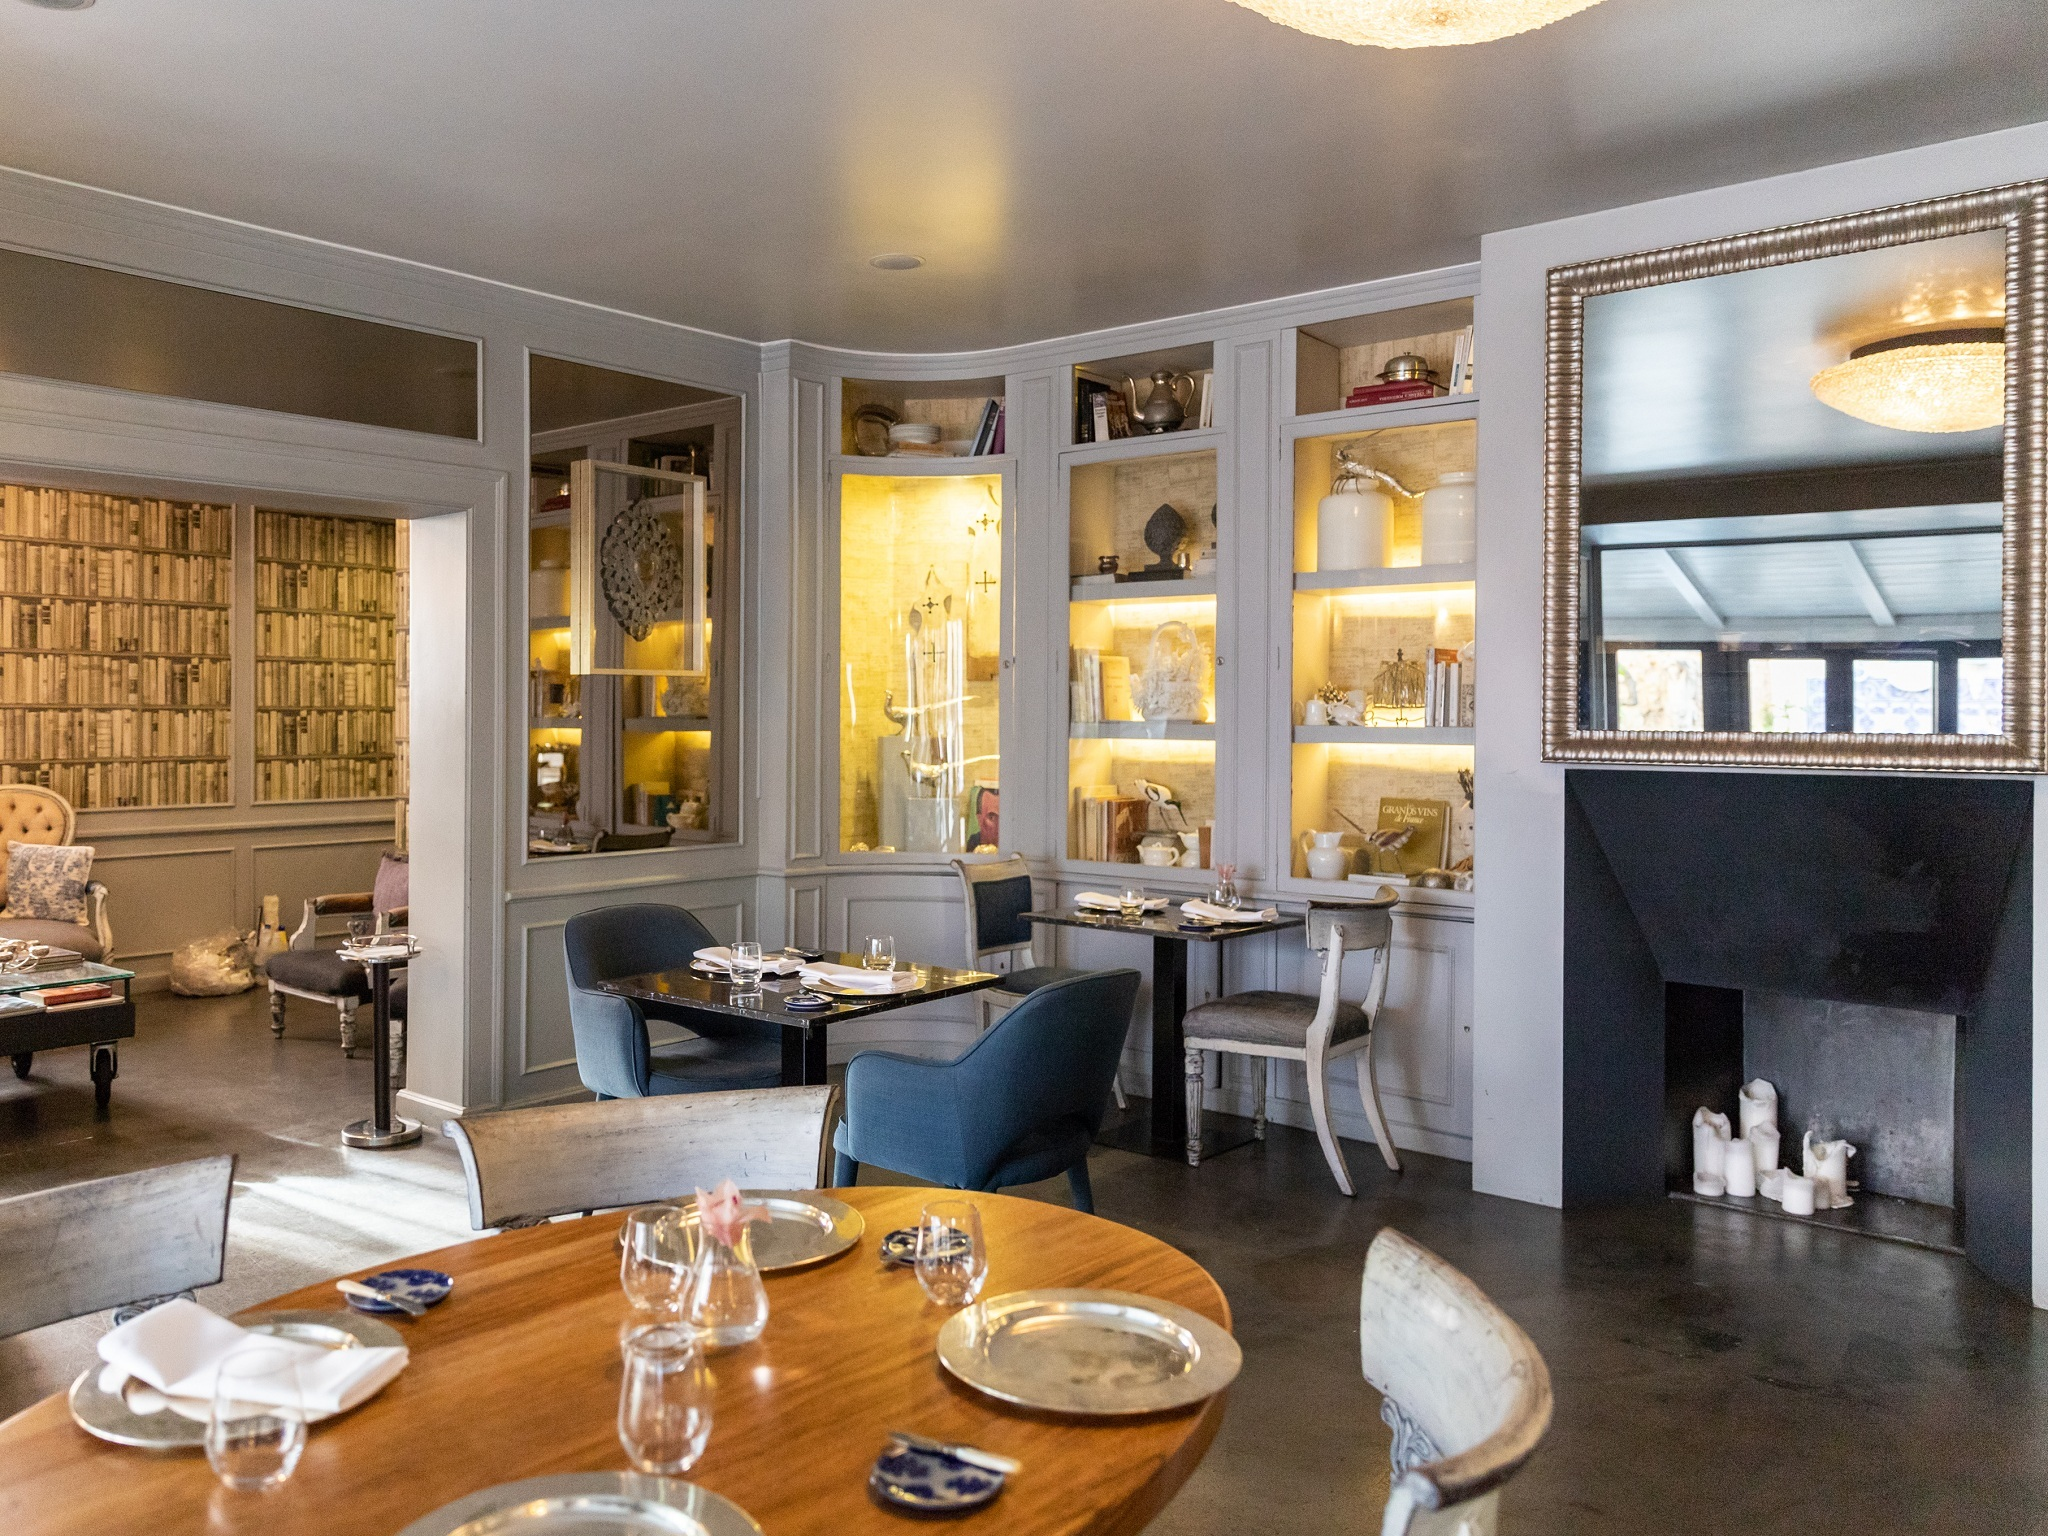 Restaurante, Estórias na Casa da Comida, Cozinha de Autor